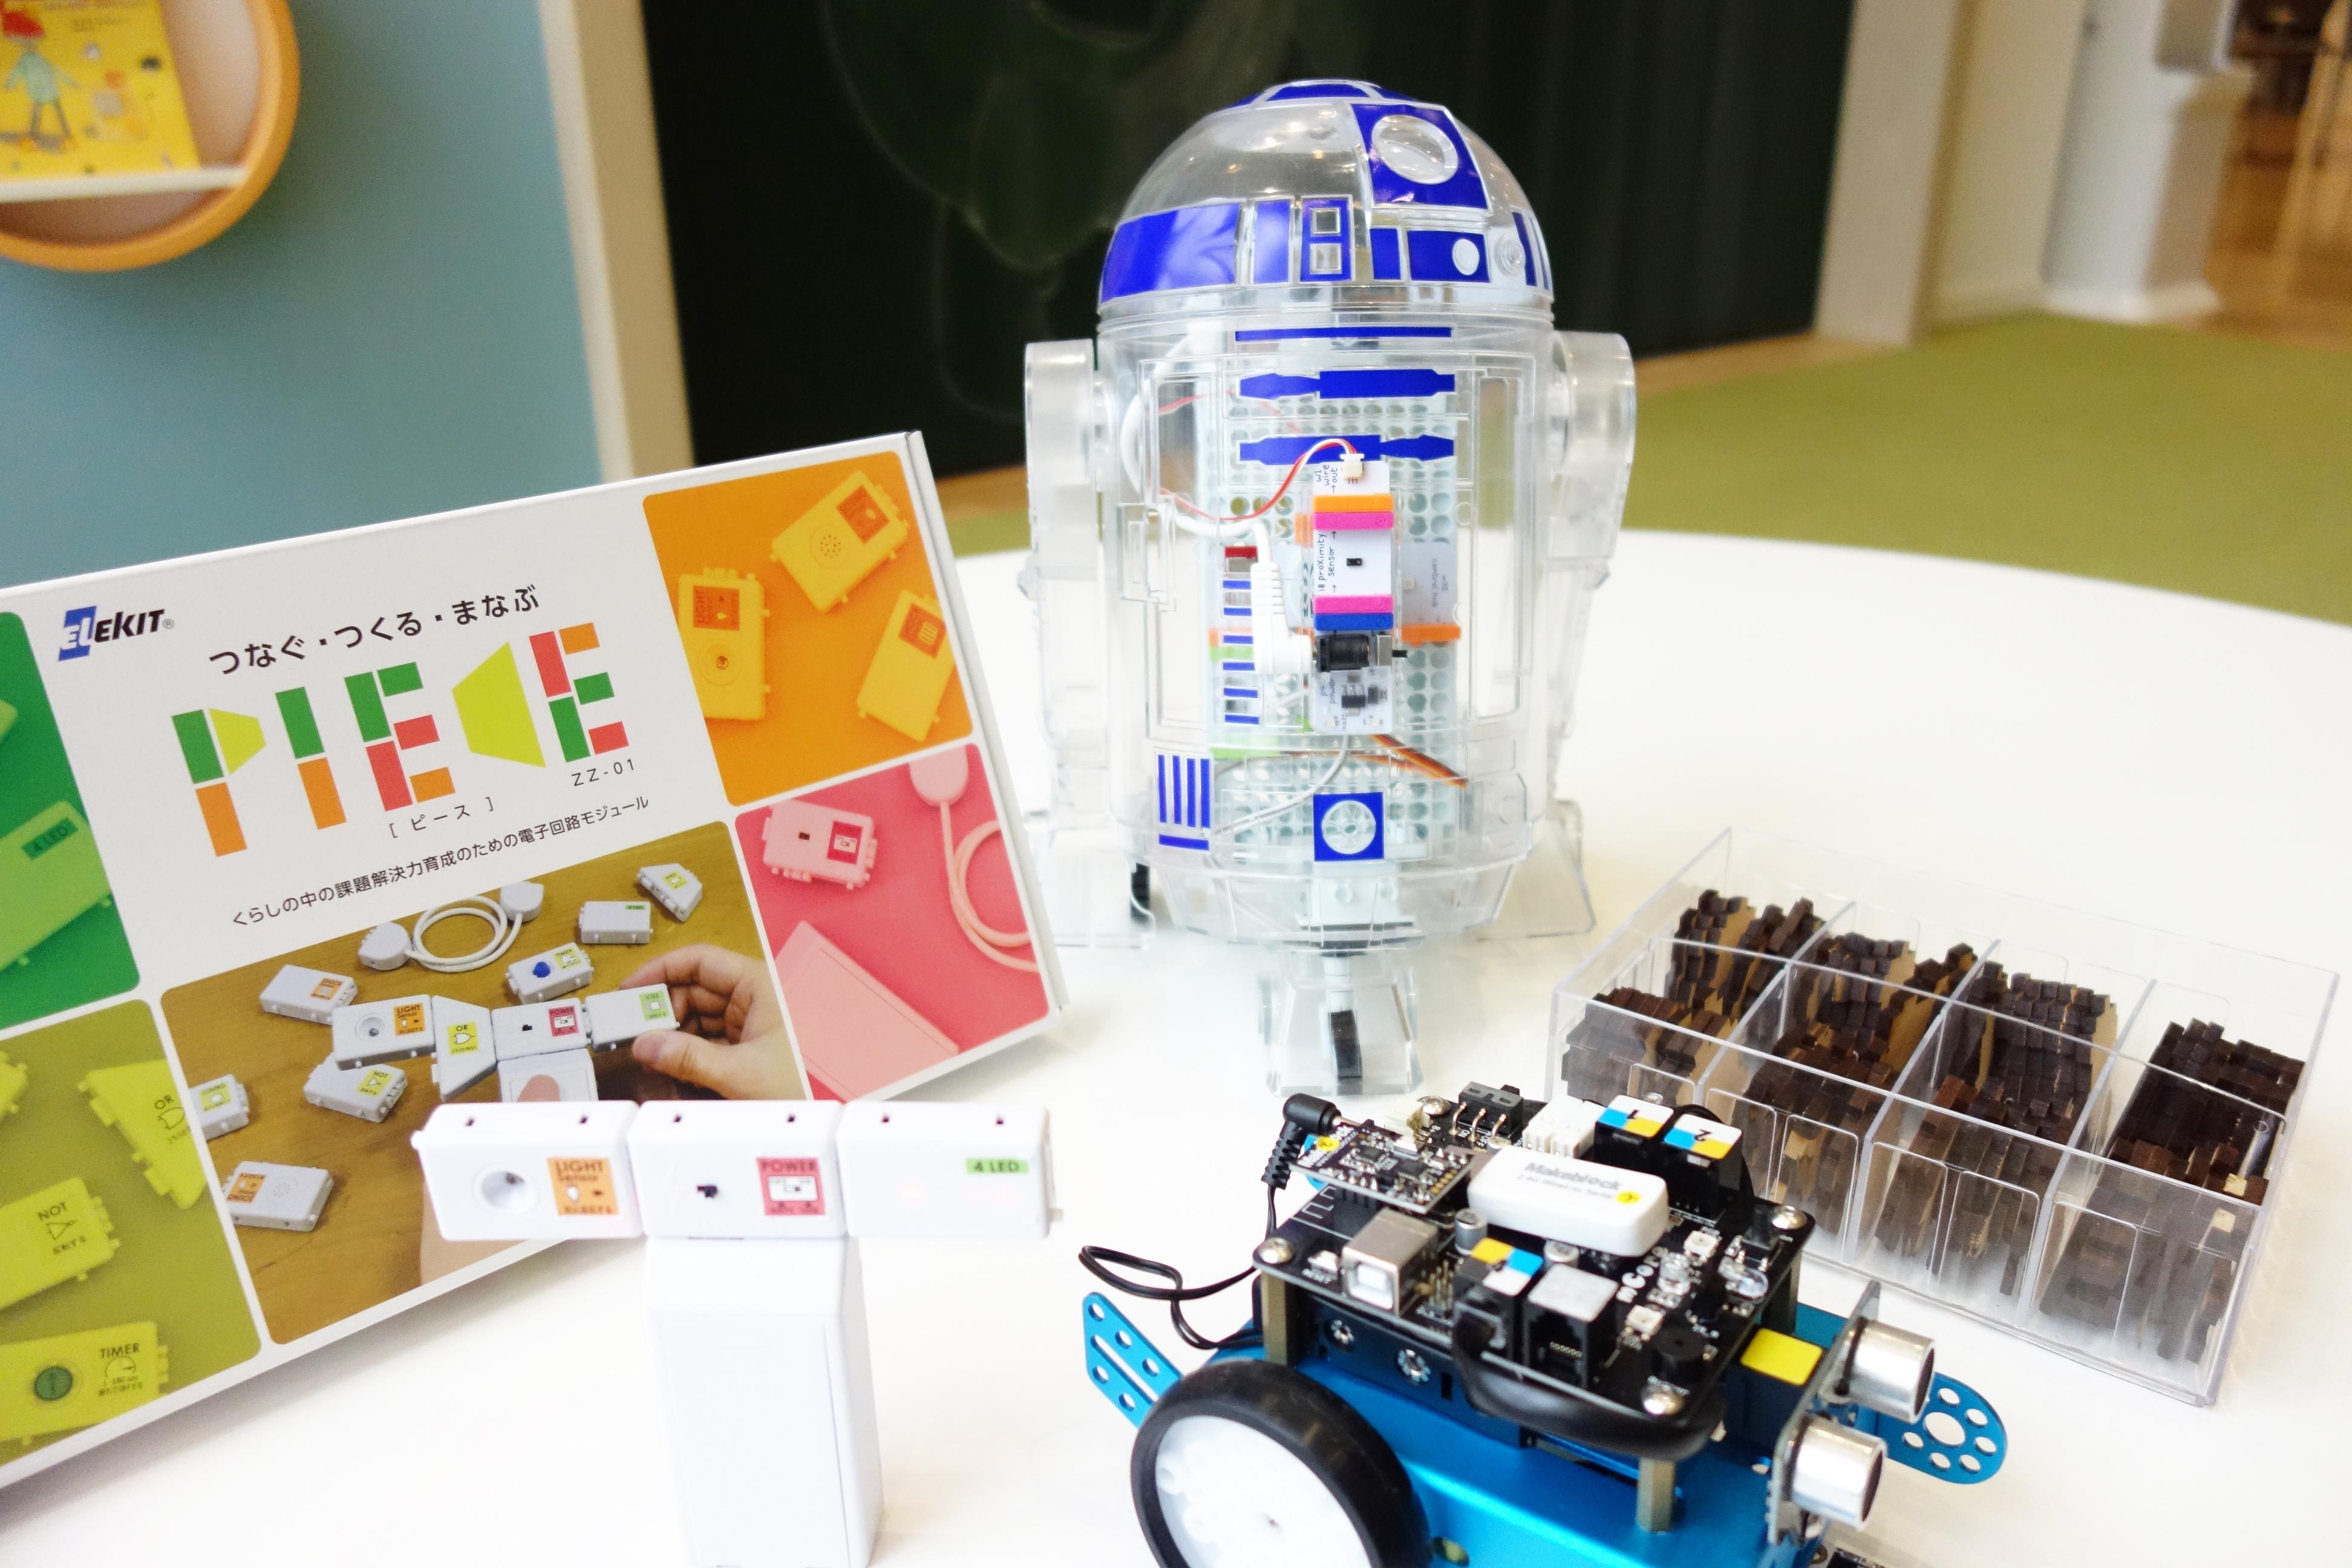 (日本語) 最新のロボット・電子工作を体験できる「Play with Robot」を開催します